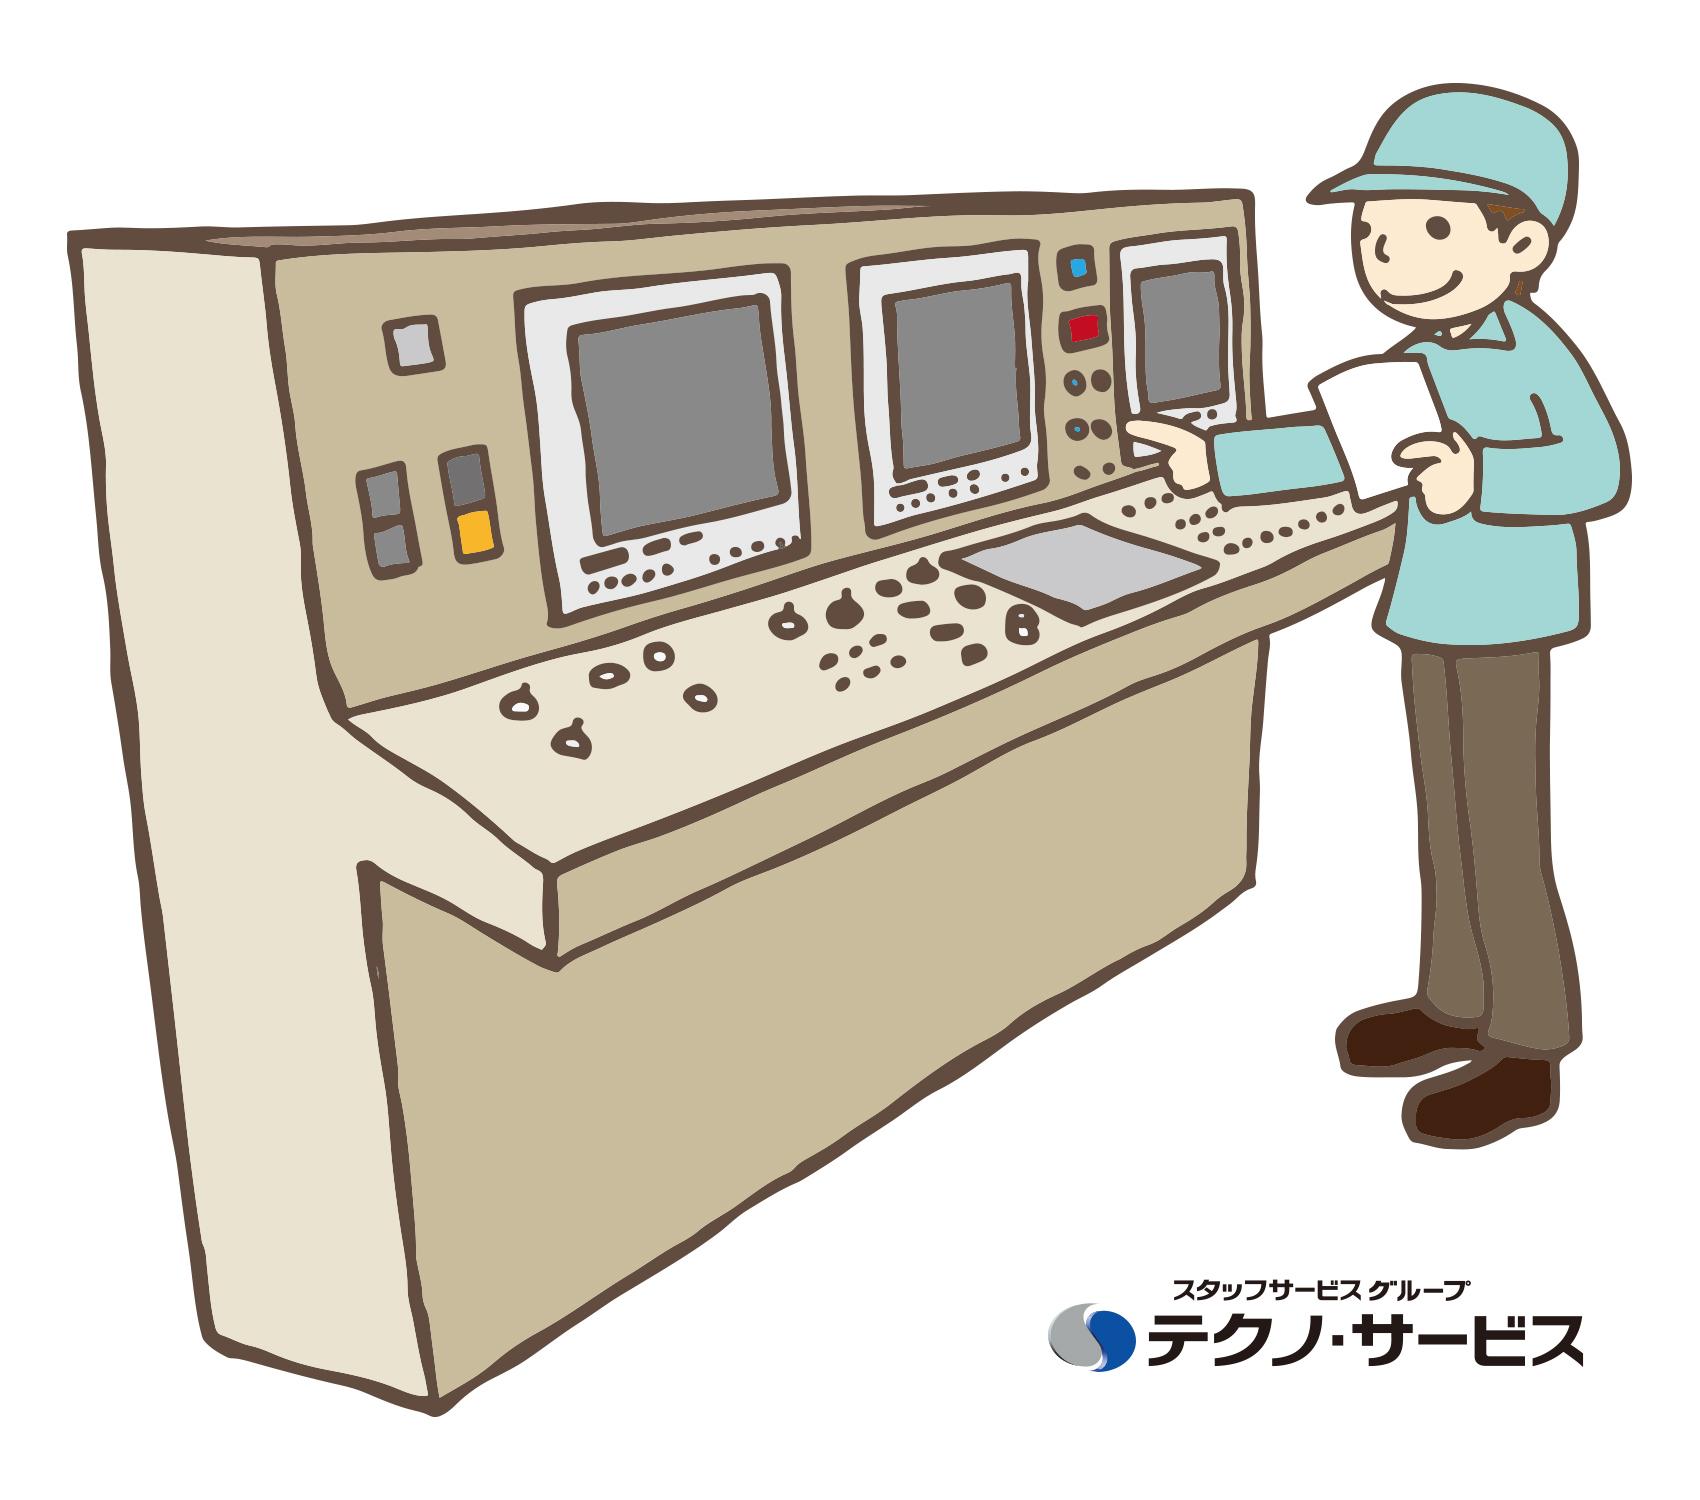 履歴書不要!来社不要!カンタン登録でOK!テクノ・サービスのアルバイト情報